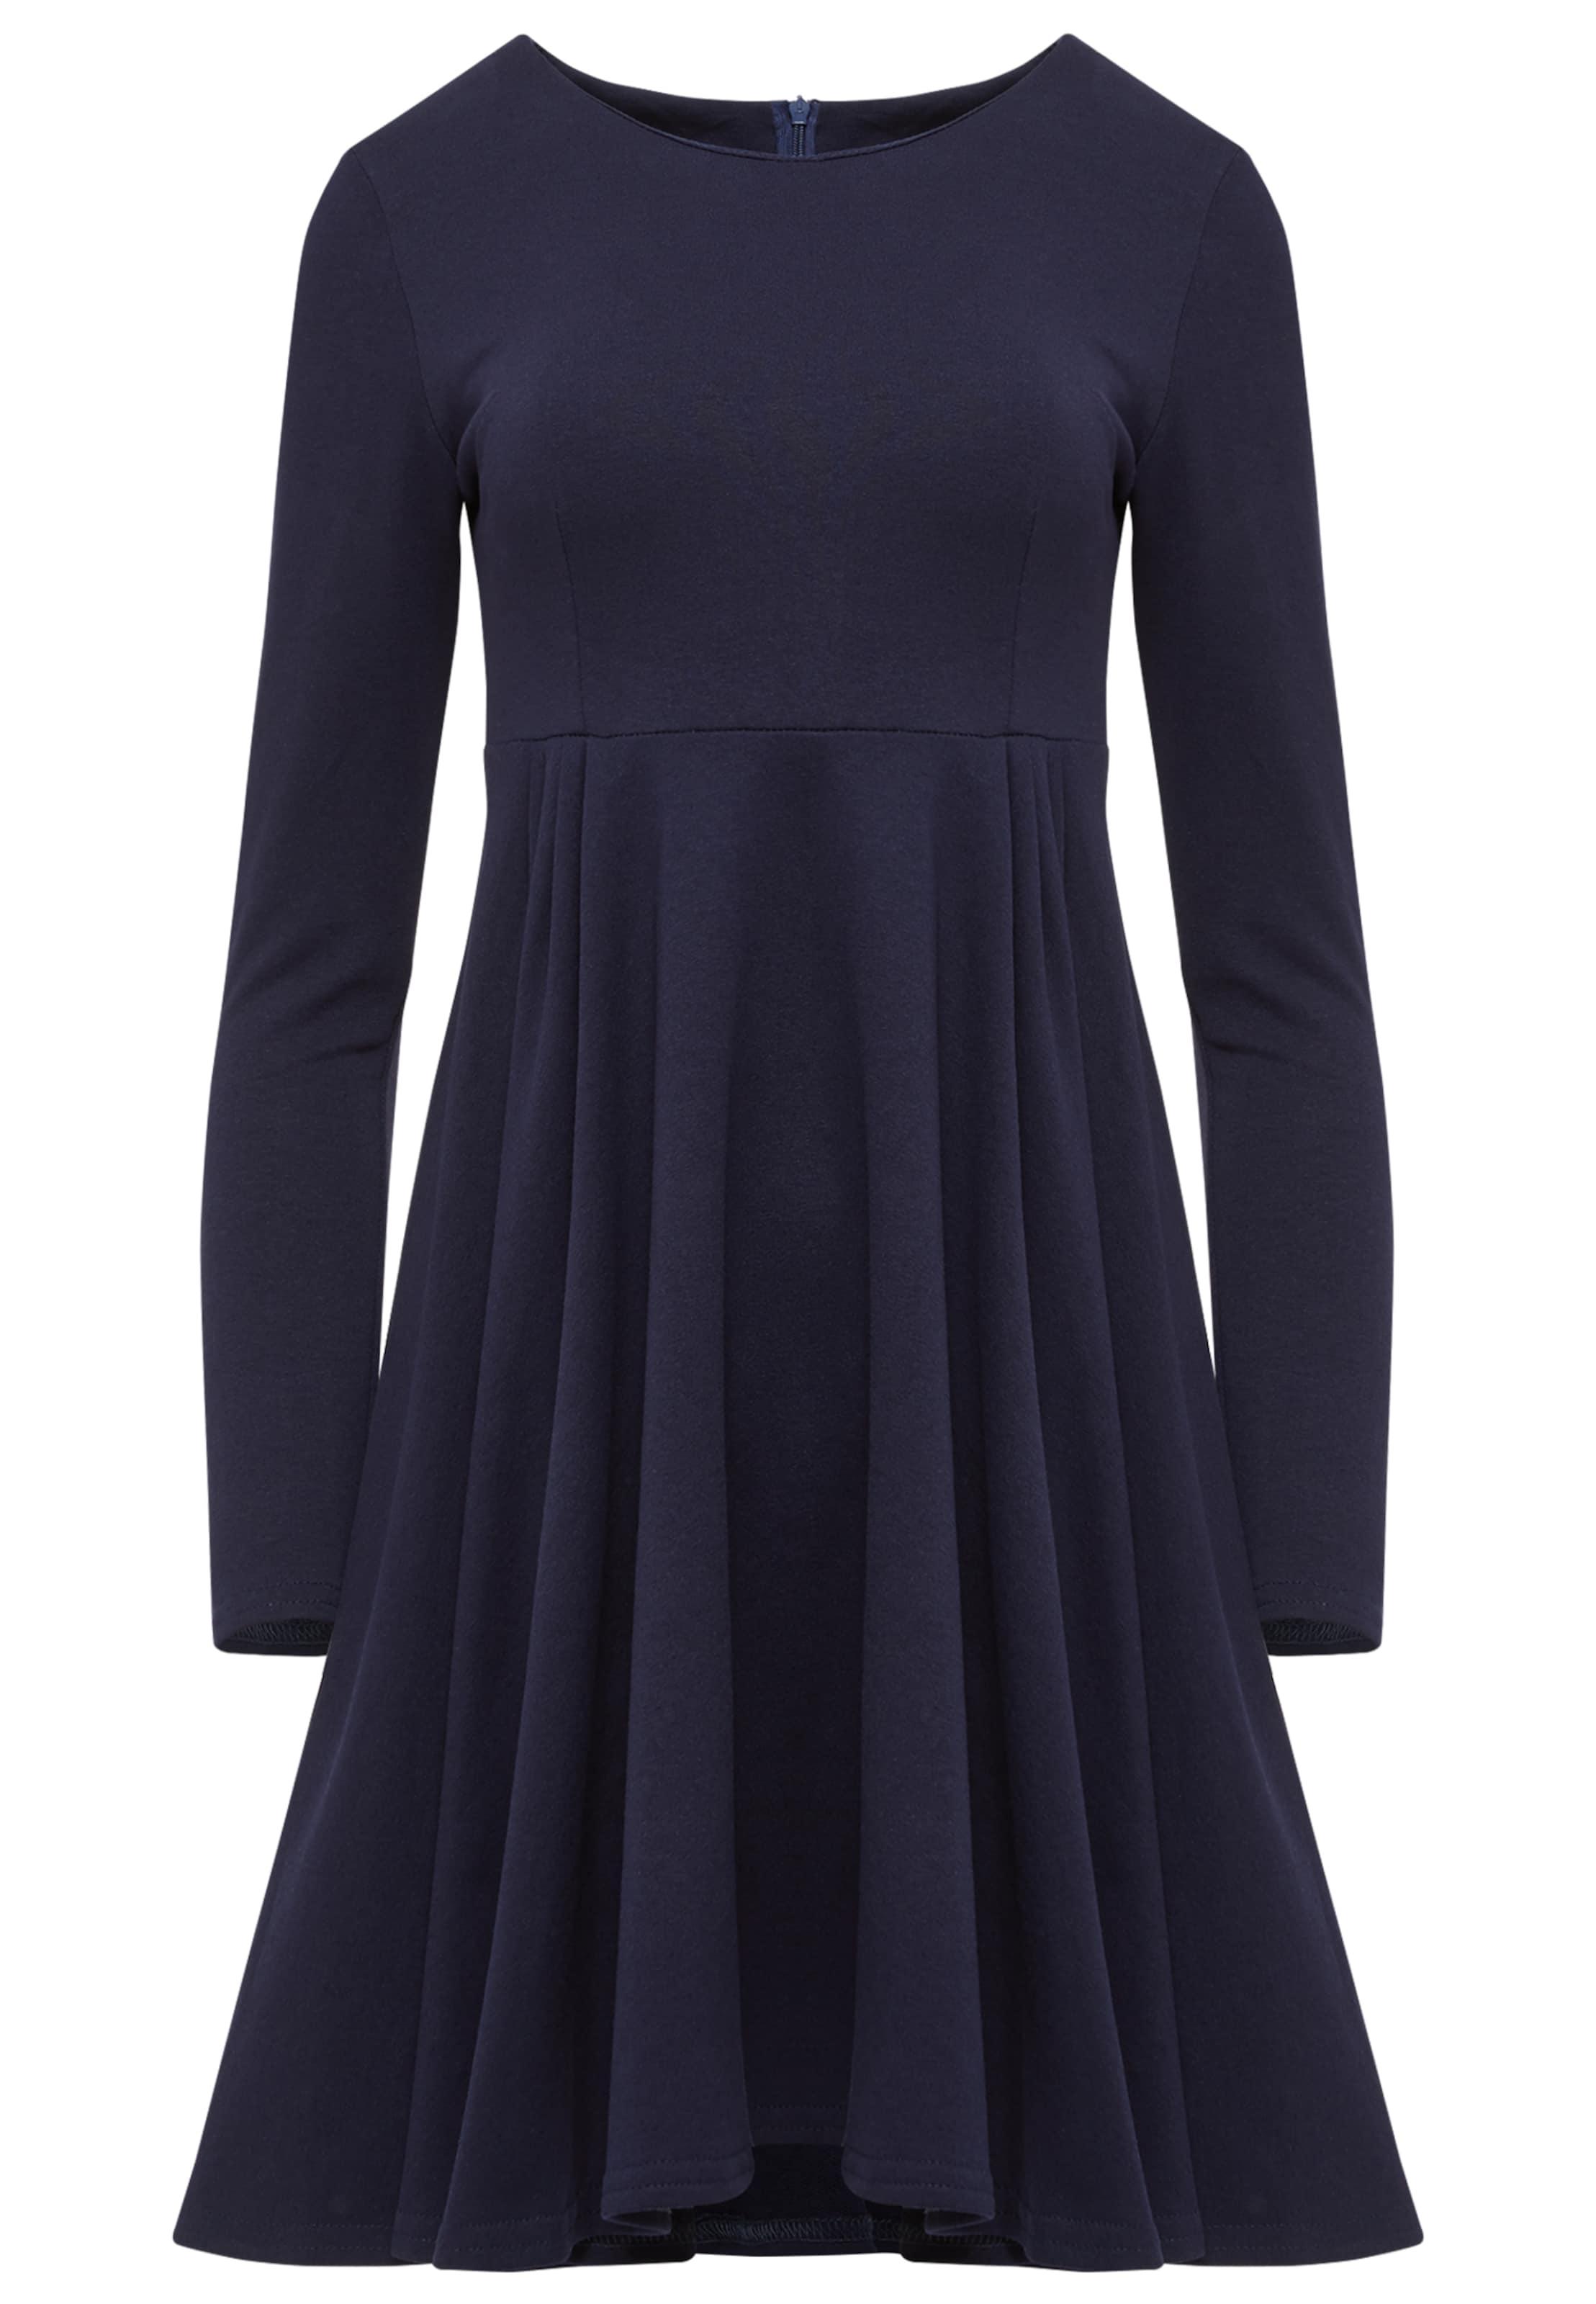 Kleid Blau Talence Kleid Kleid In Kleid In Blau In Talence Blau Talence Talence 5q43LARj